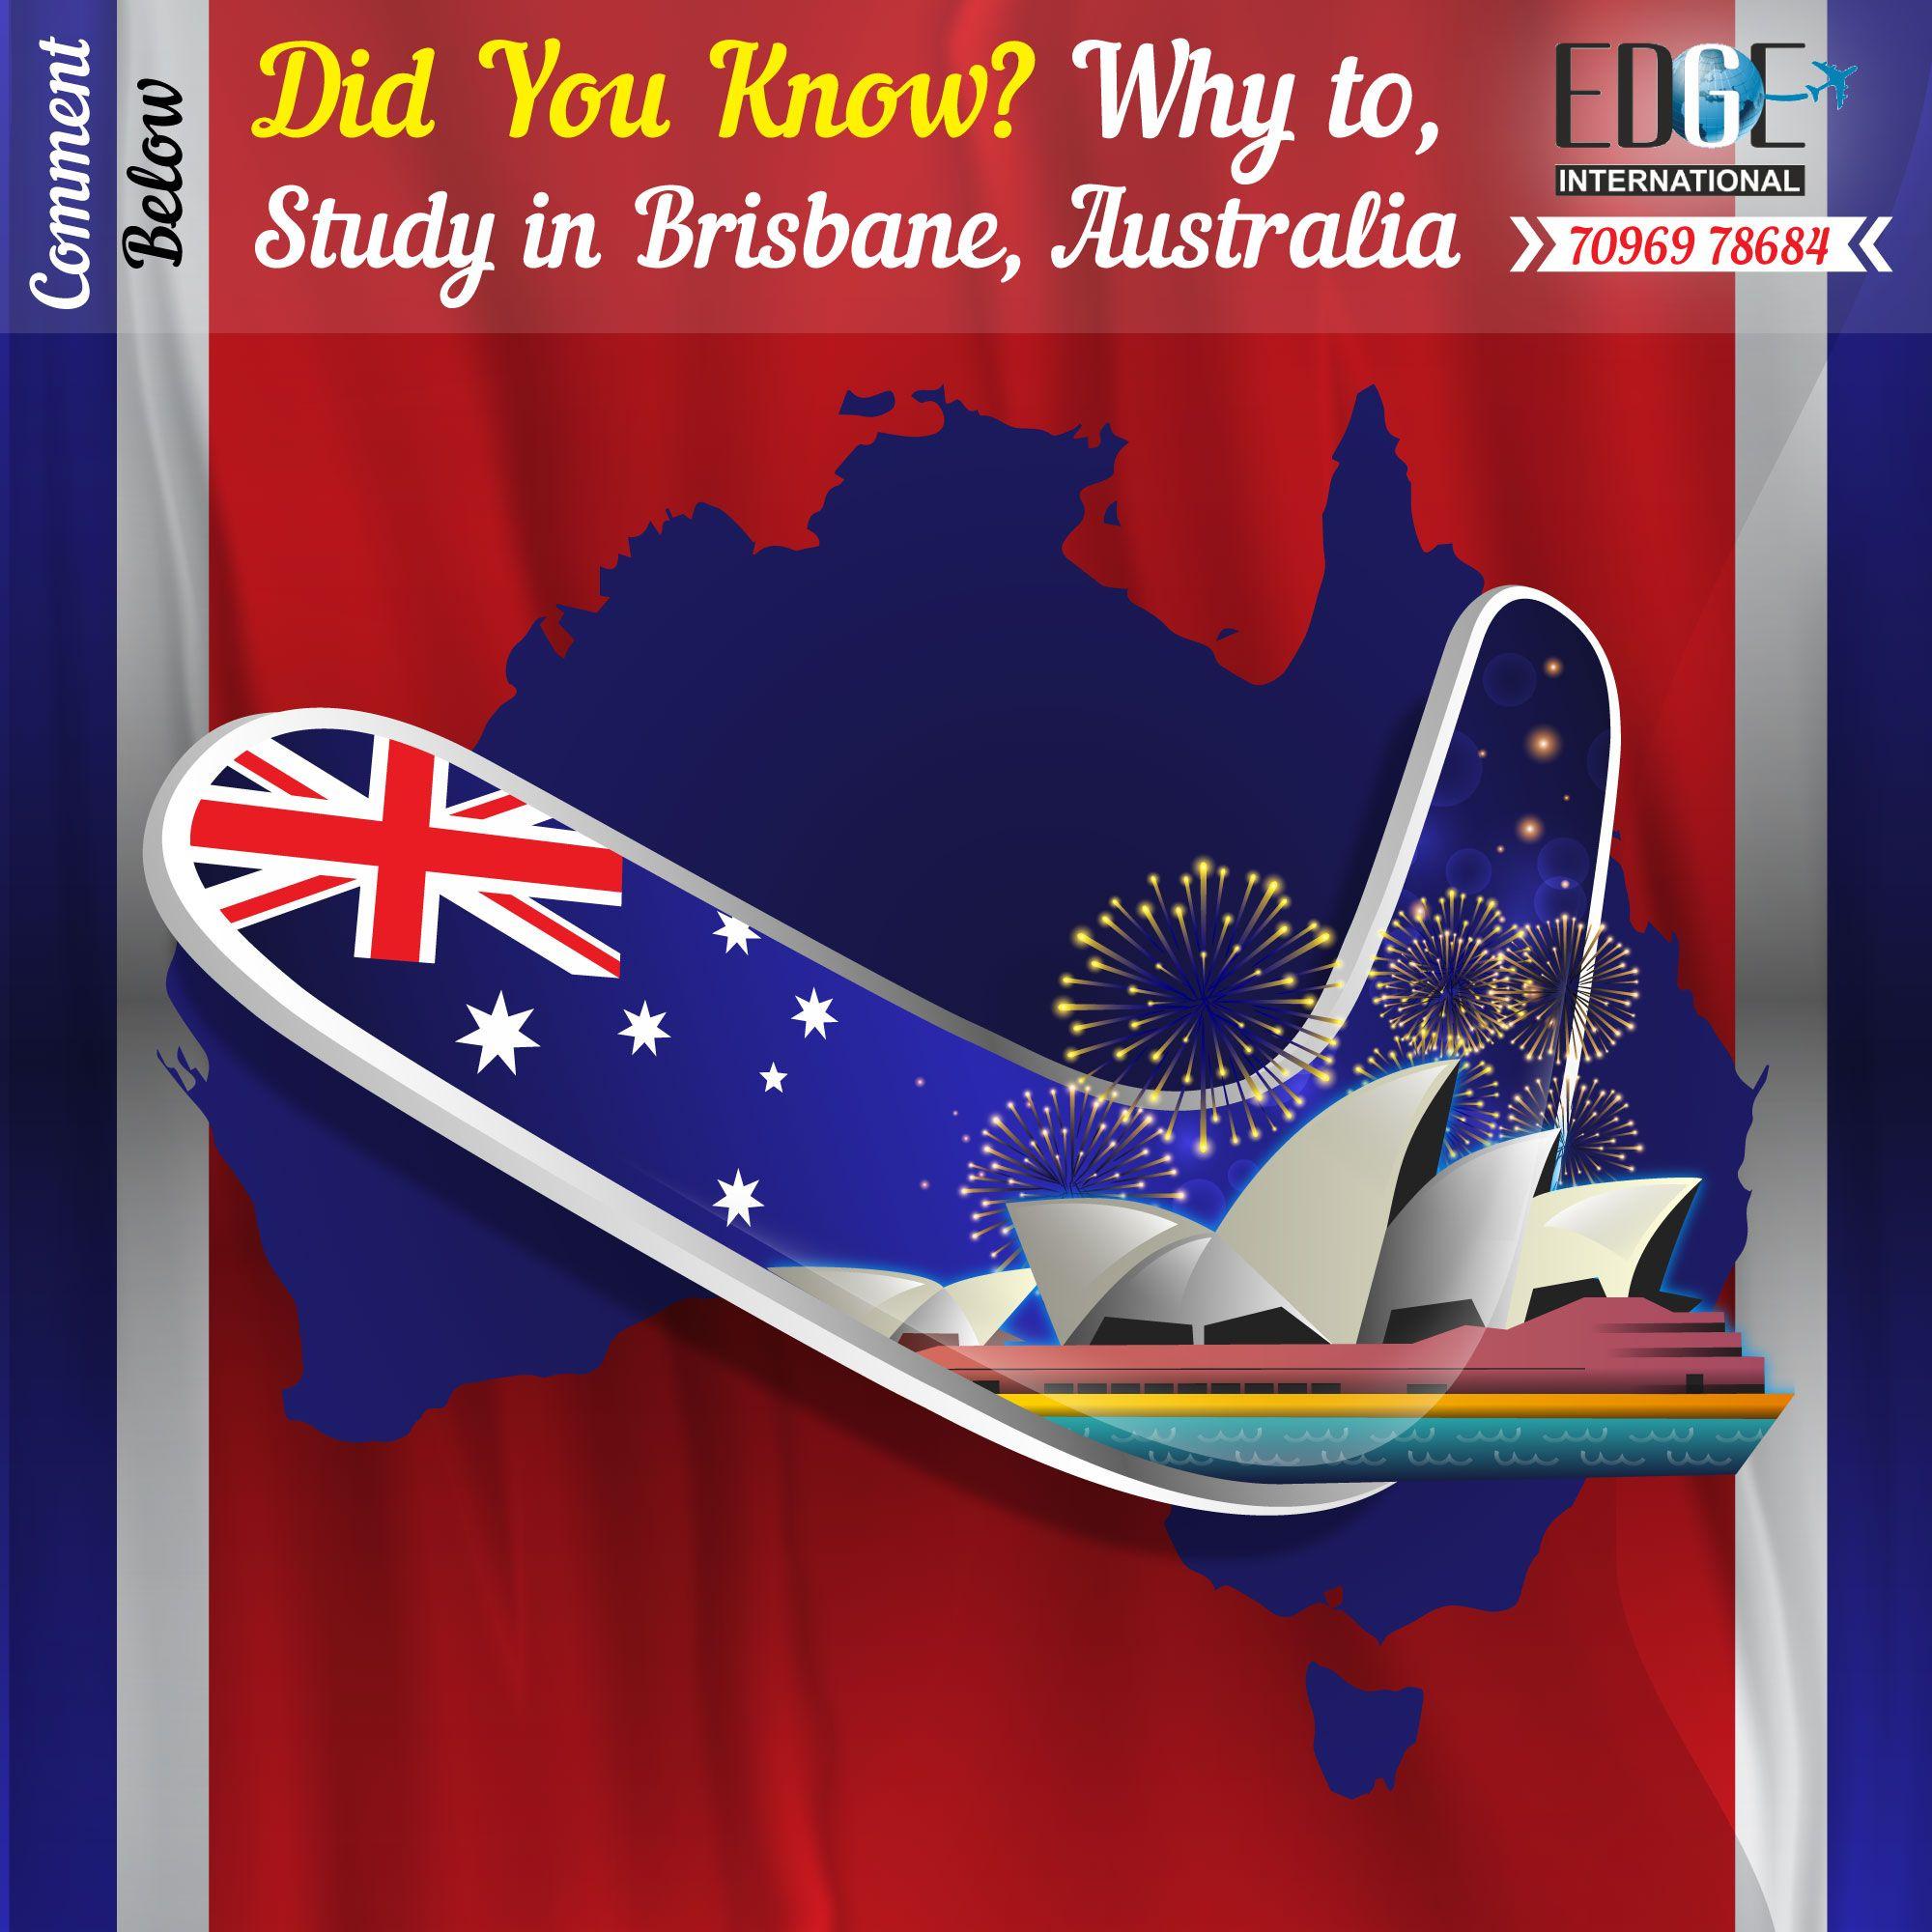 Top 6 Reasons to Study in Brisbane, Australia - GET VISA